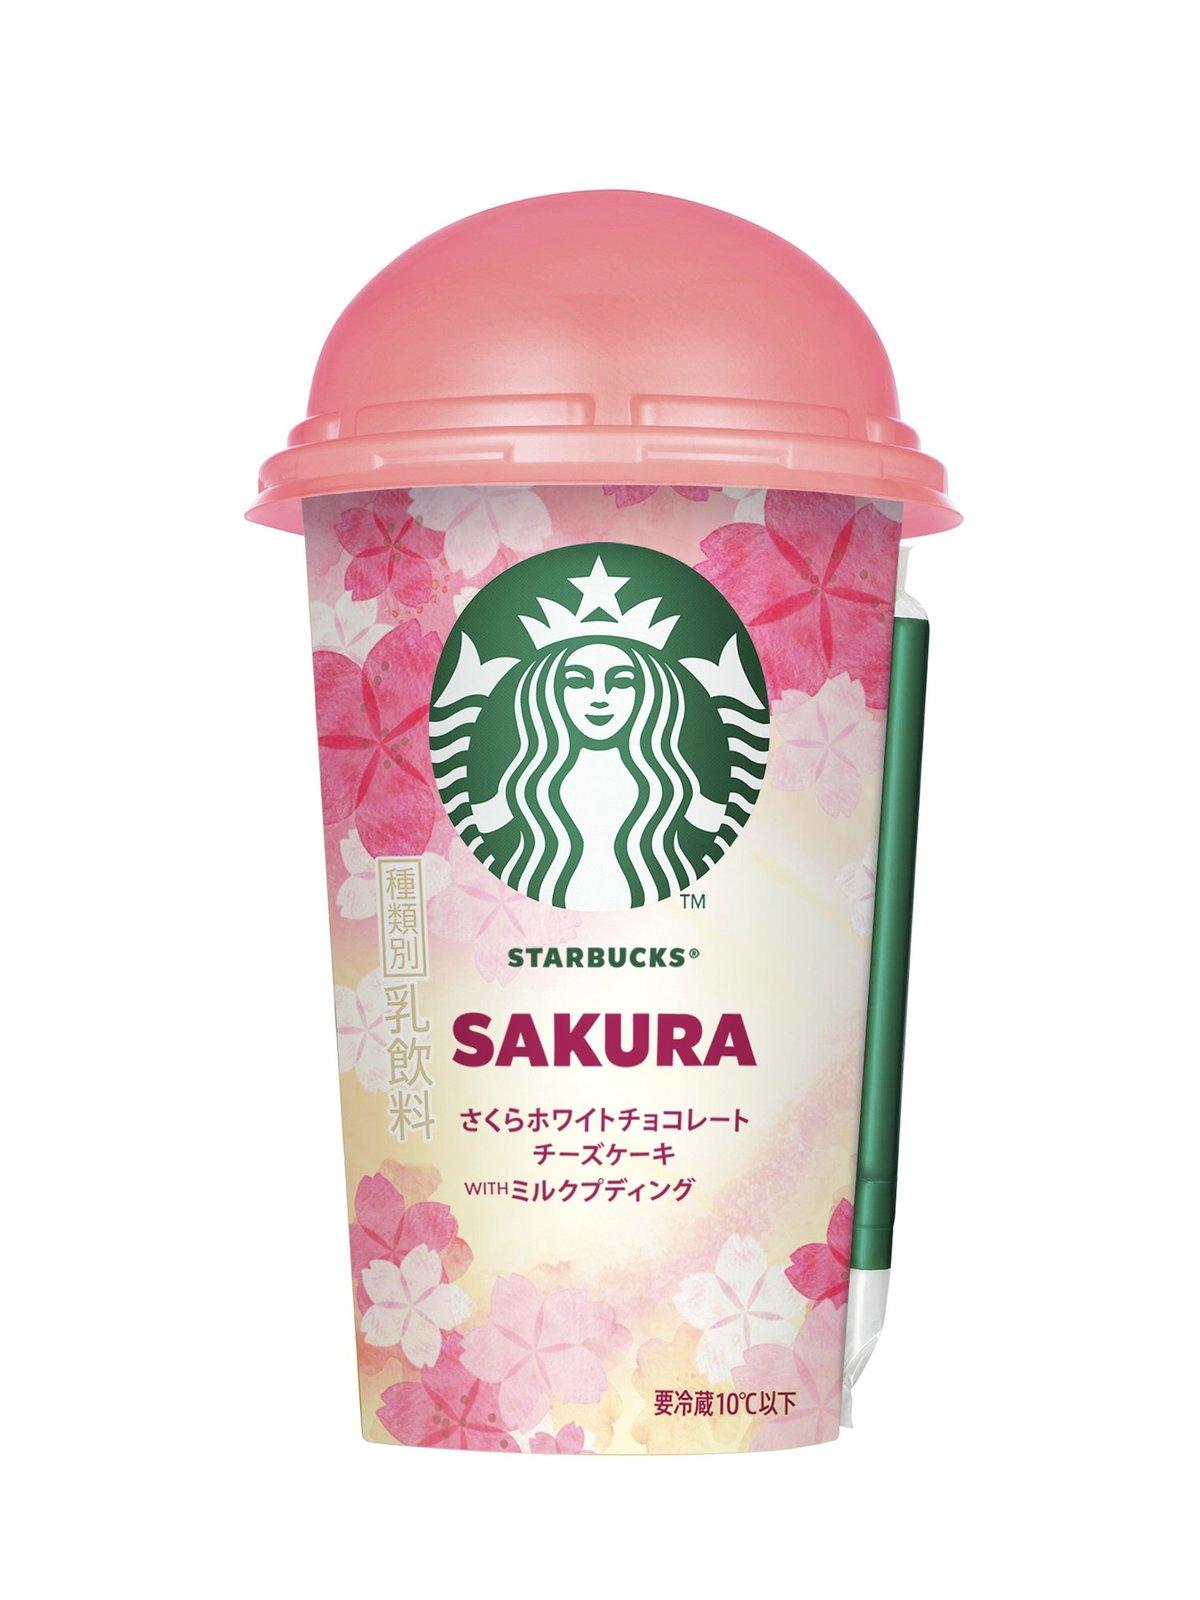 Starbucks Sakura White Chocolate Cheesecake with Milk Pudding 2020 sakura cherry blossom snacks japan